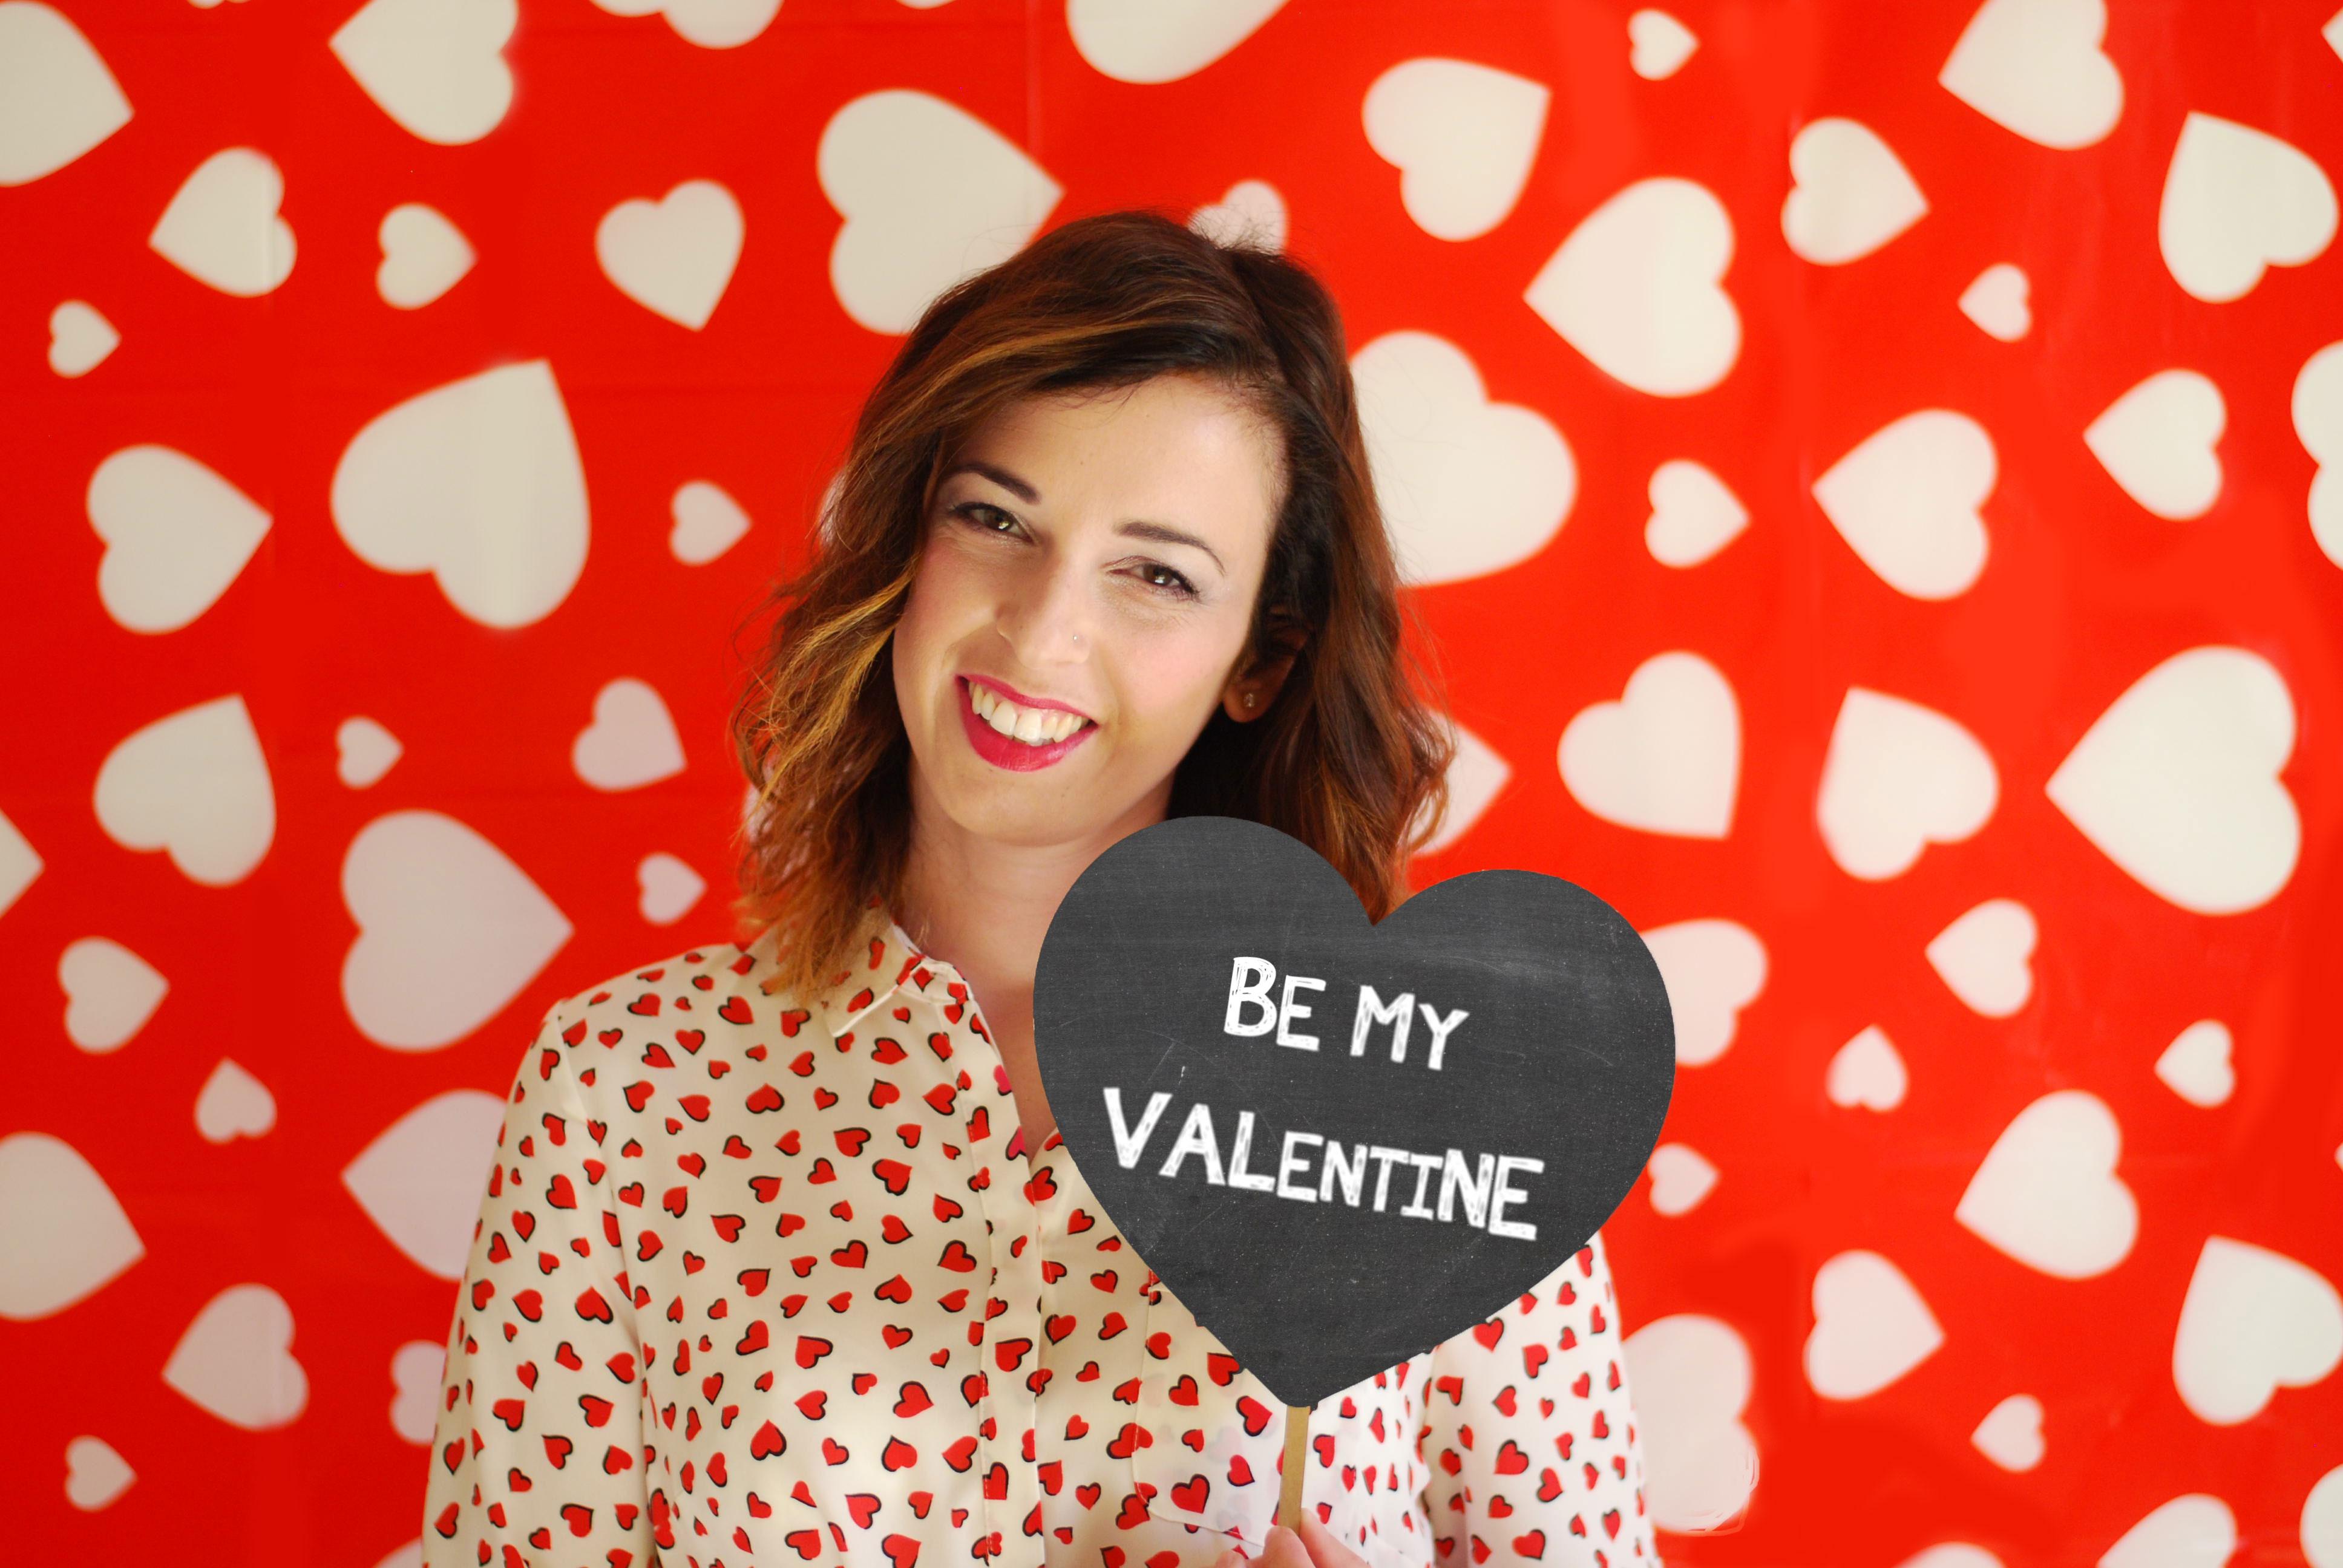 Valentine's Day Ideas - www.bonjourchiara.com